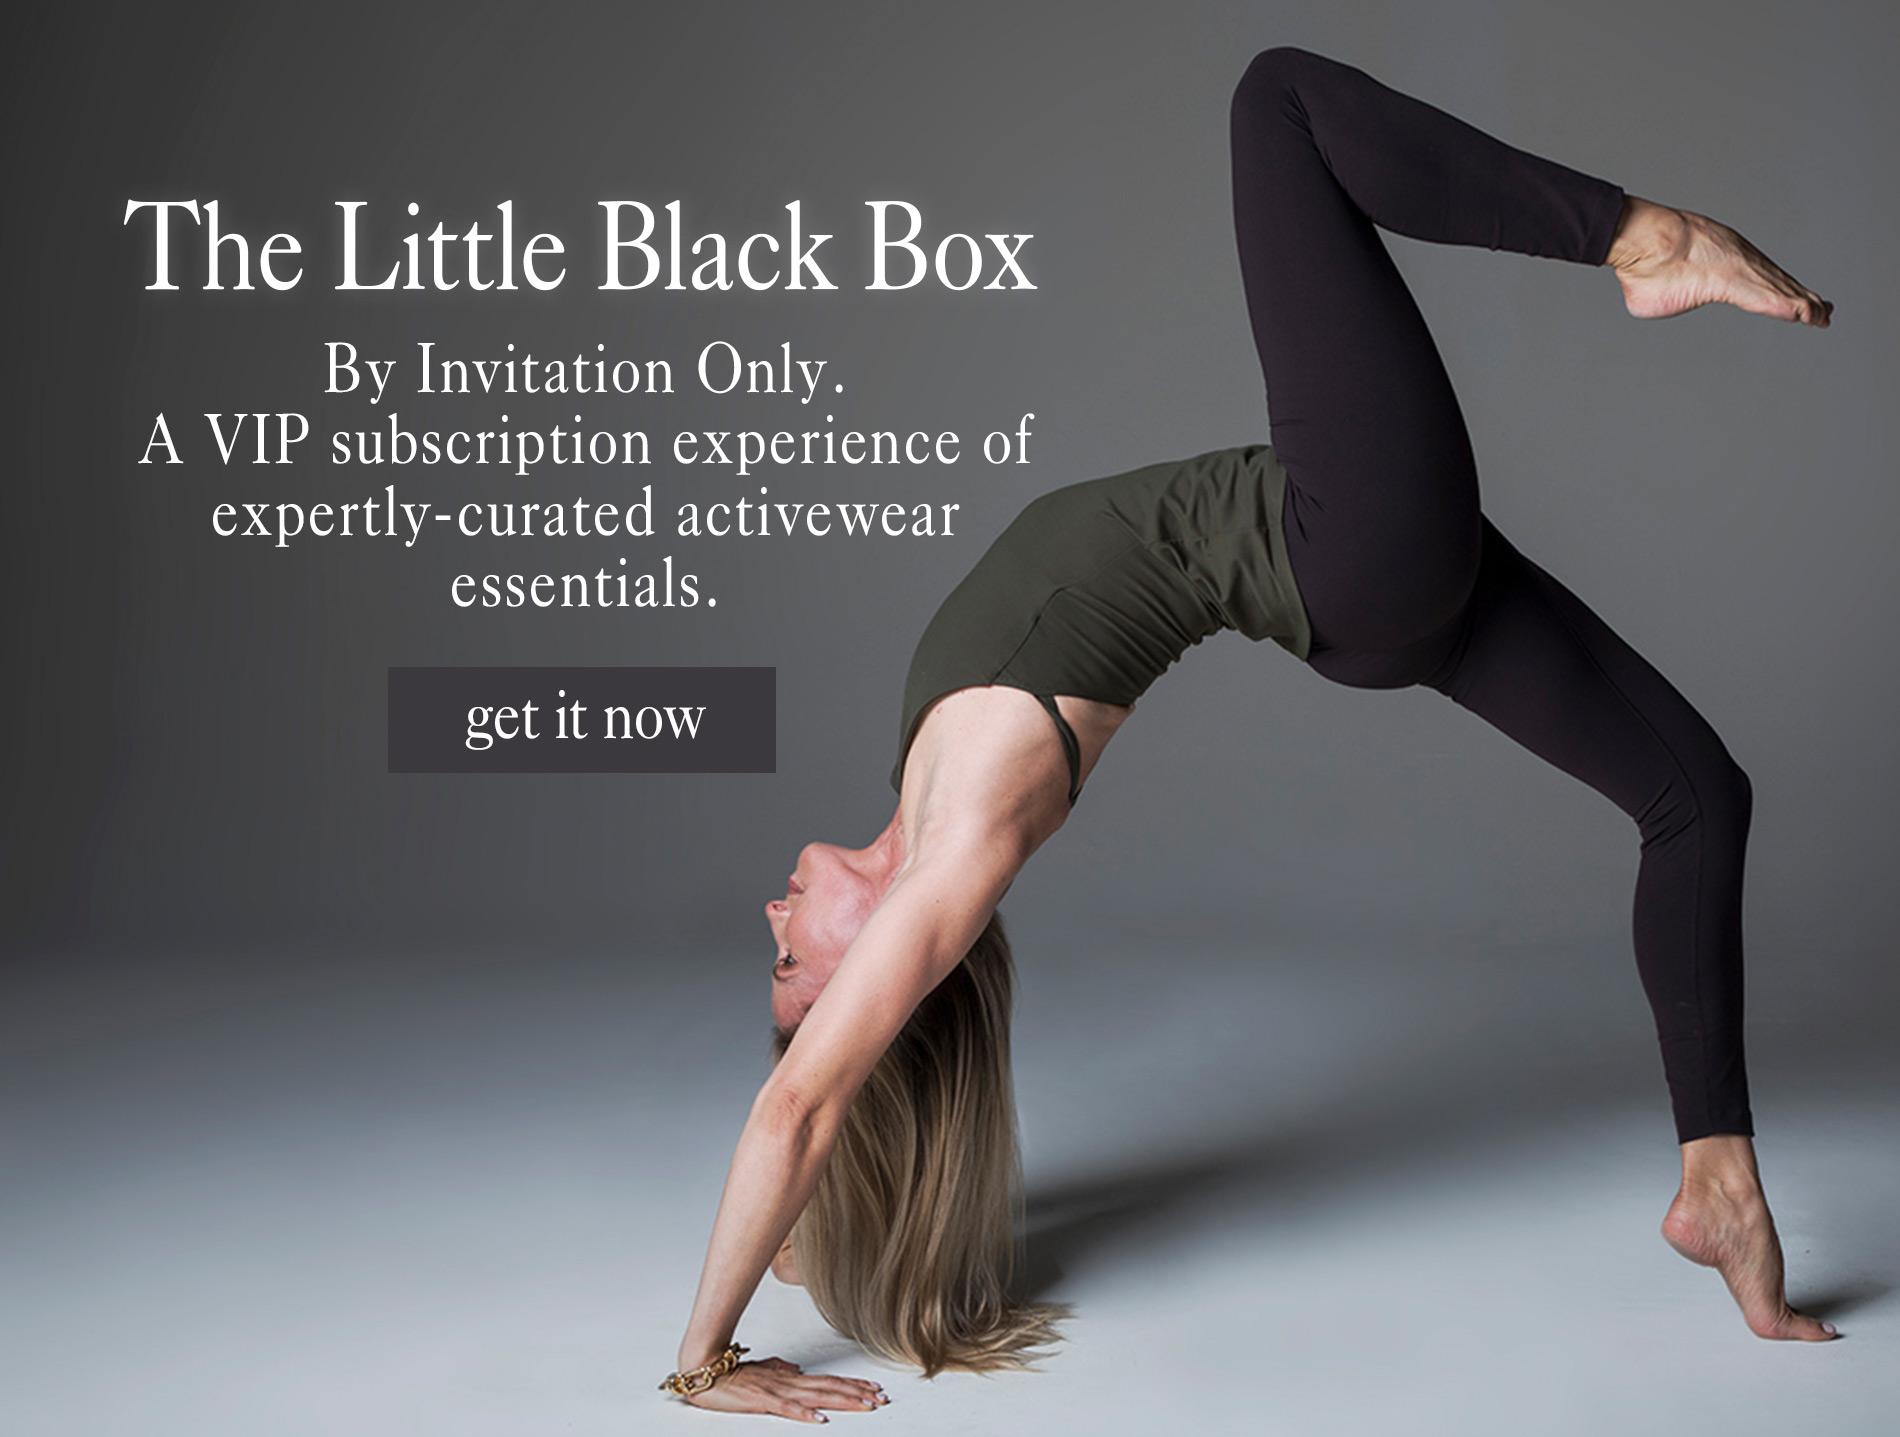 little-black-box-header-september-2019.jpg